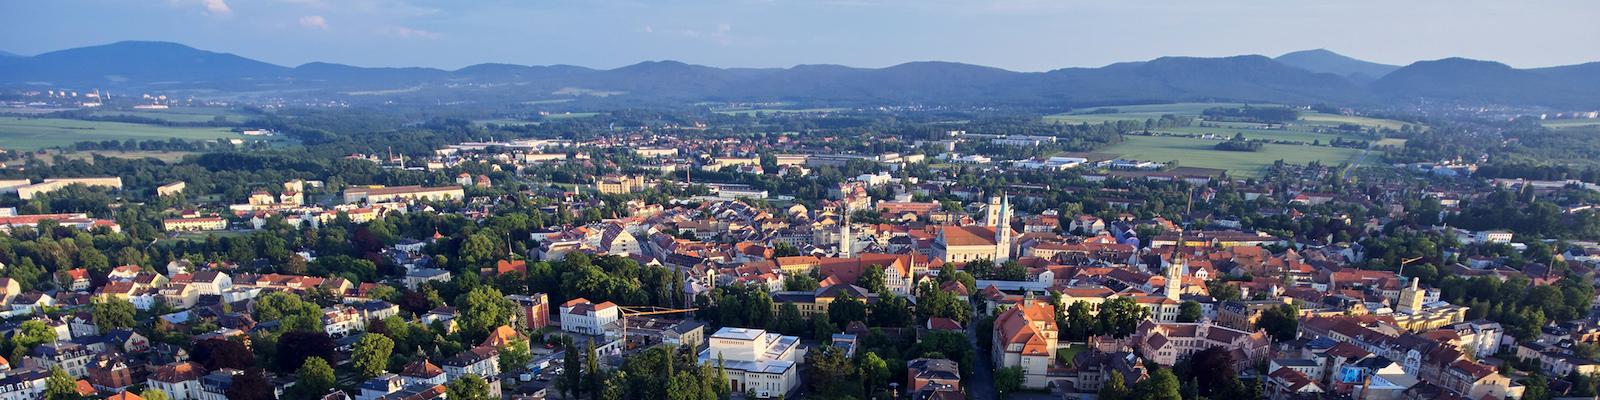 Zittau - Große Stadtrundfahrt